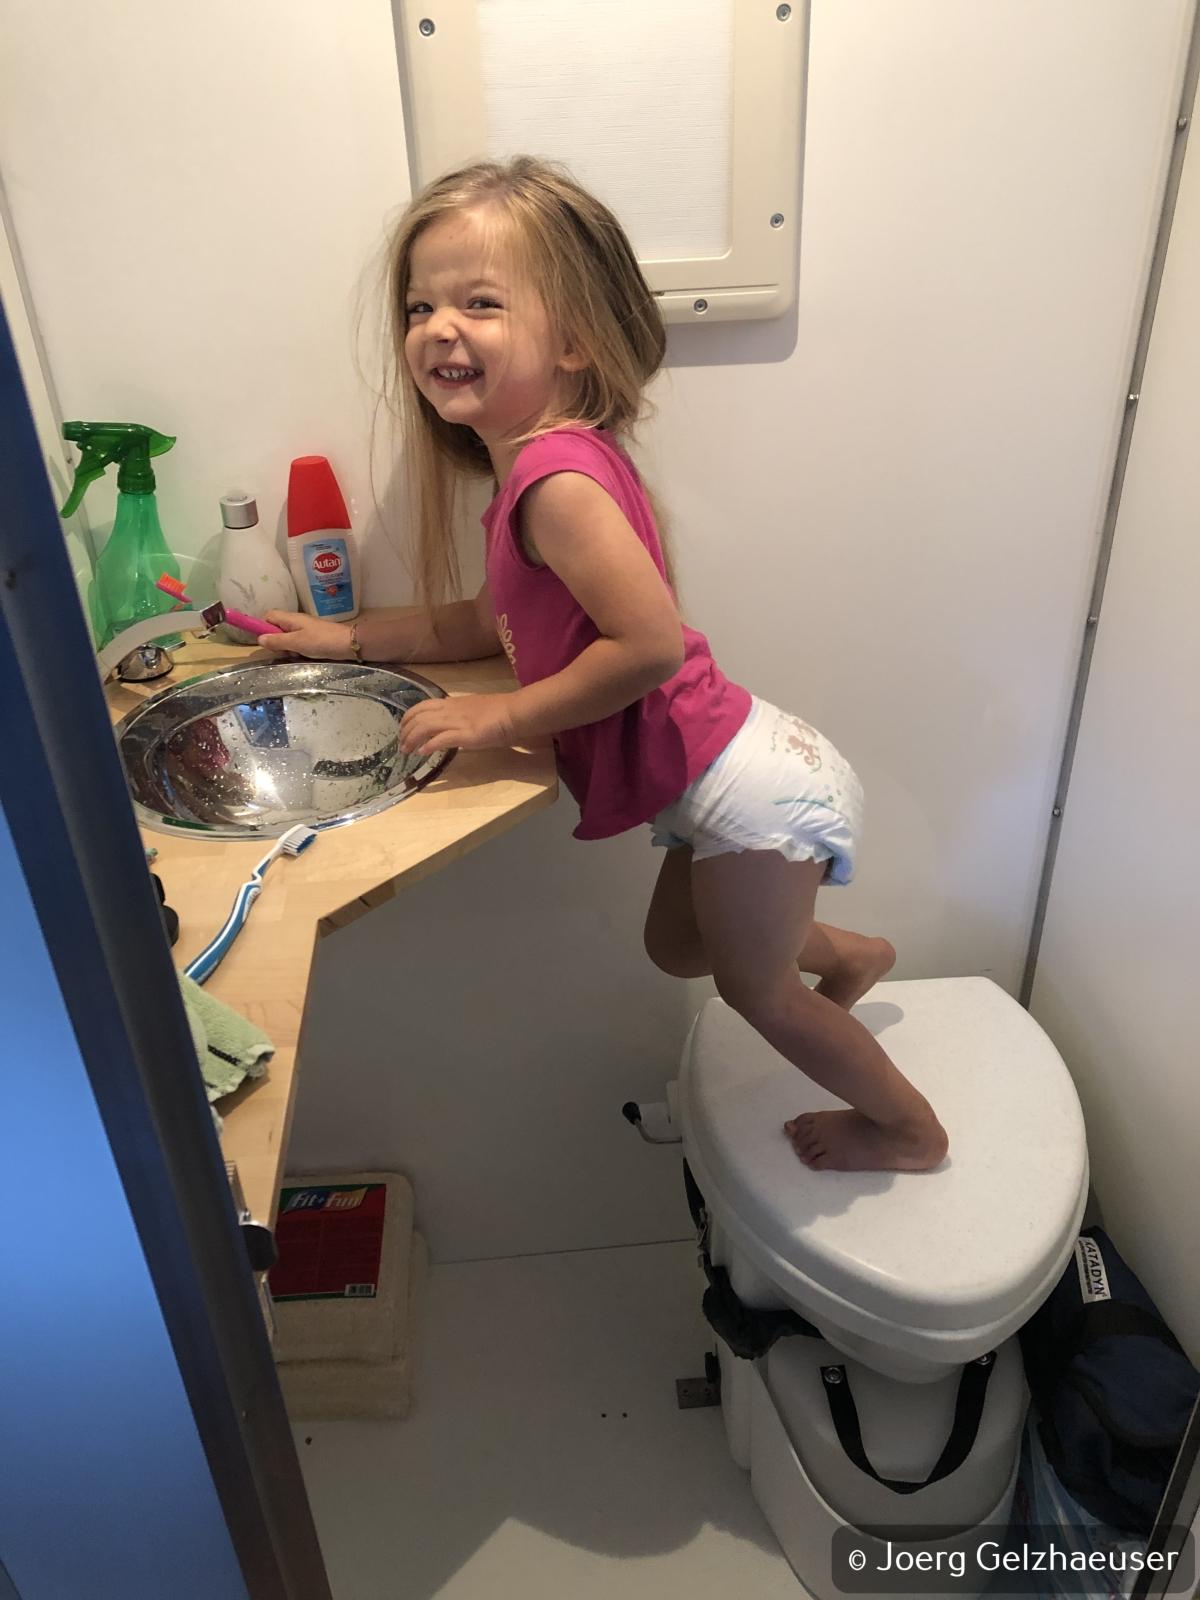 Unimog - Das universelle Motor-(Fernreise)-Gerät - Der Wellness-Tempel: Waschbecken und Nature's Head Trocken-Toilette. Die Kleine freut es.